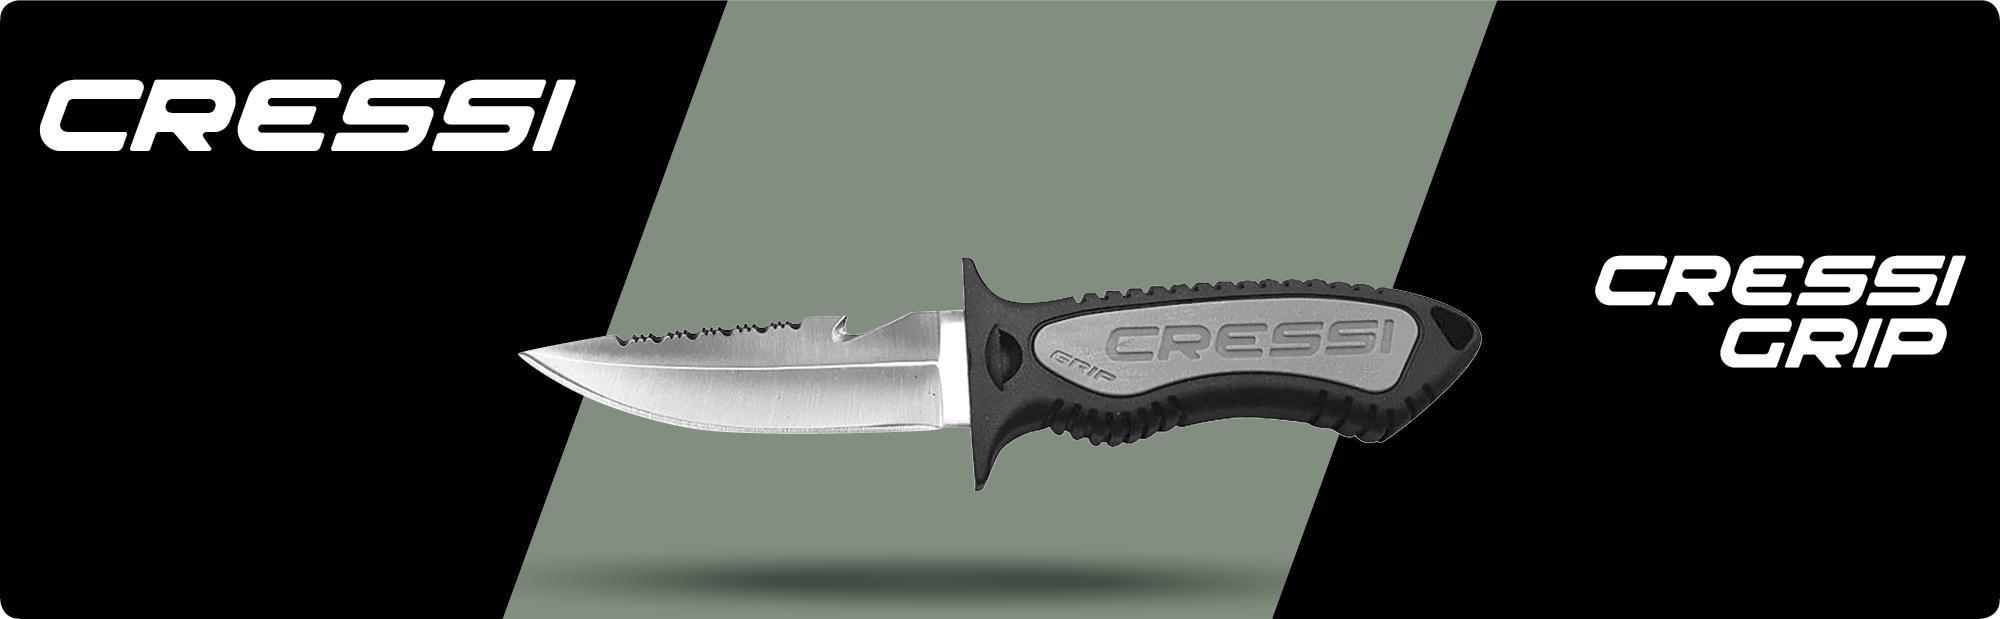 Cressi Grip Knife Cuchillo, Blanco, Talla Única